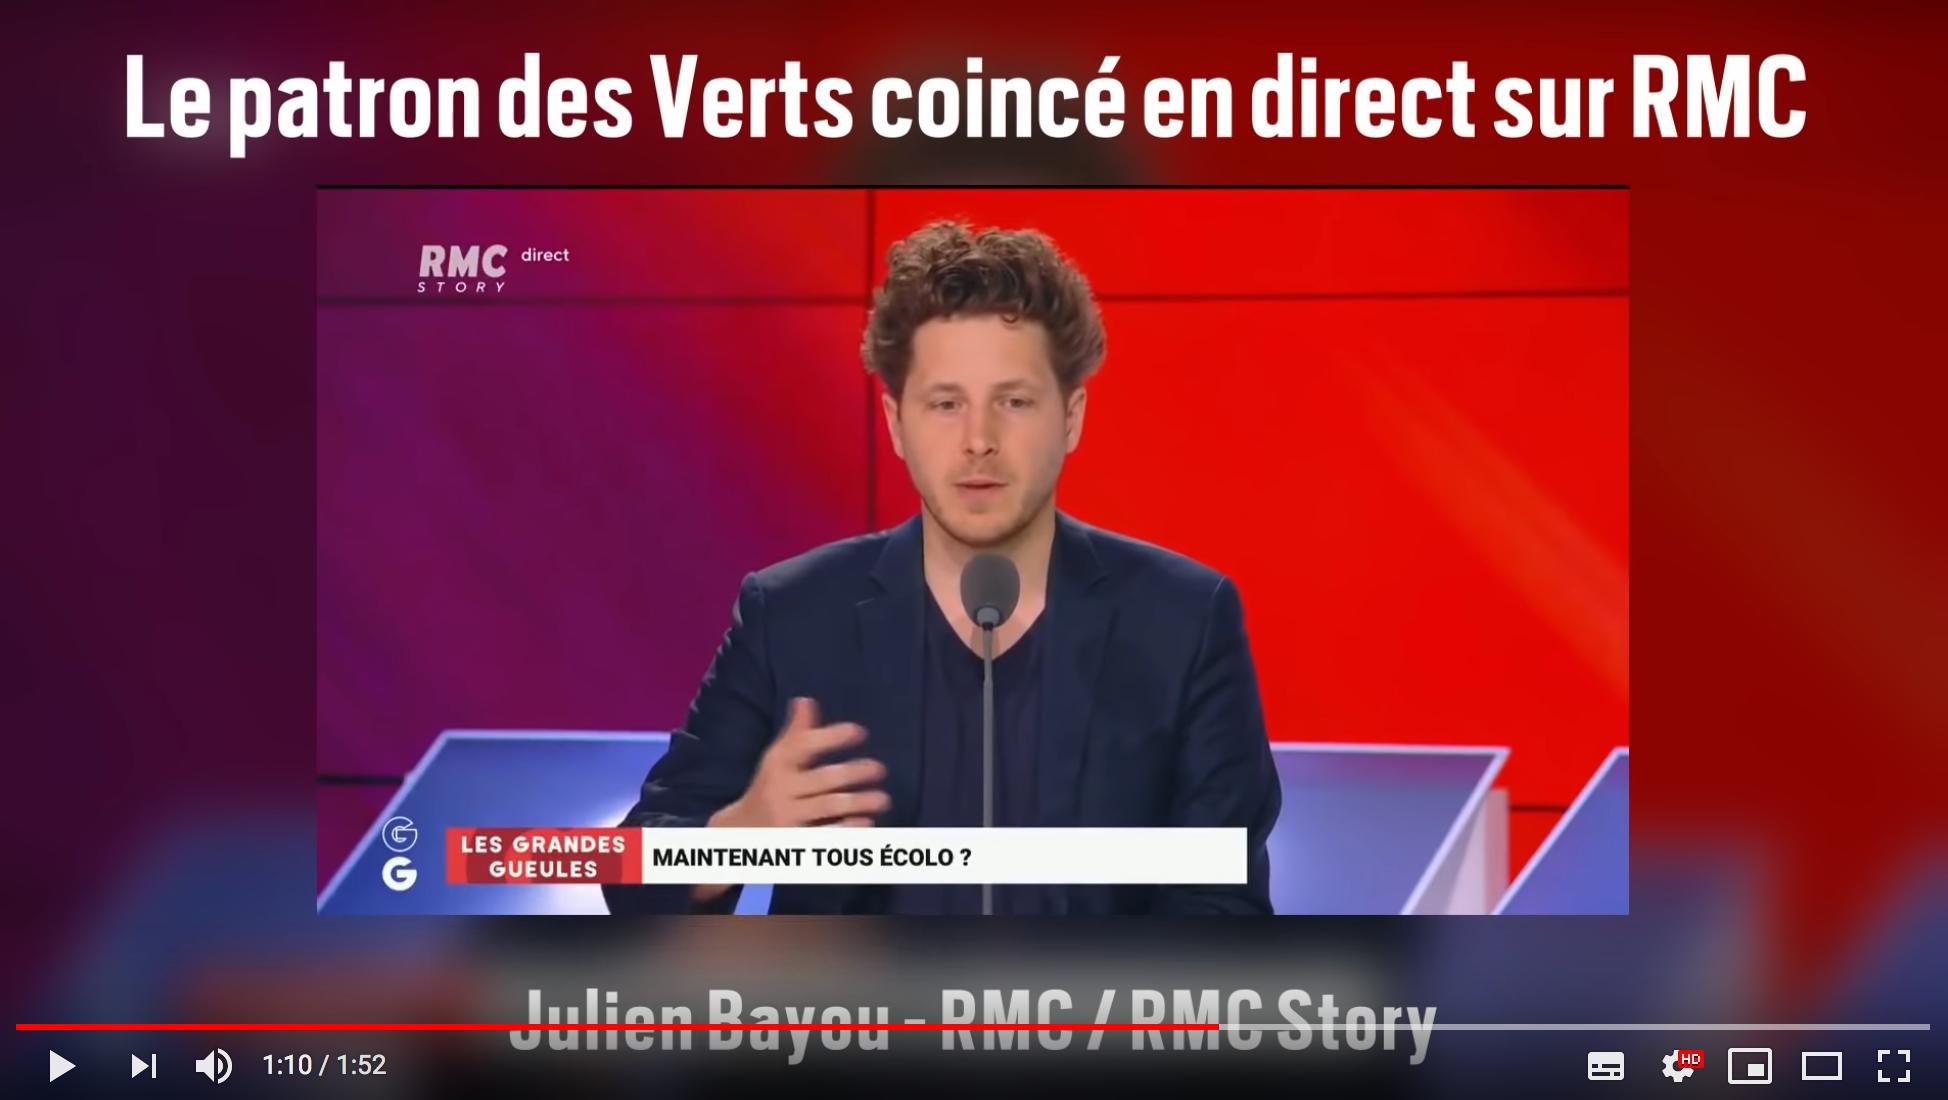 """Le patron des Verts, Julien Bayou, coincé en direct dans """"Les Grandes Gueules"""" (VIDÉO)"""